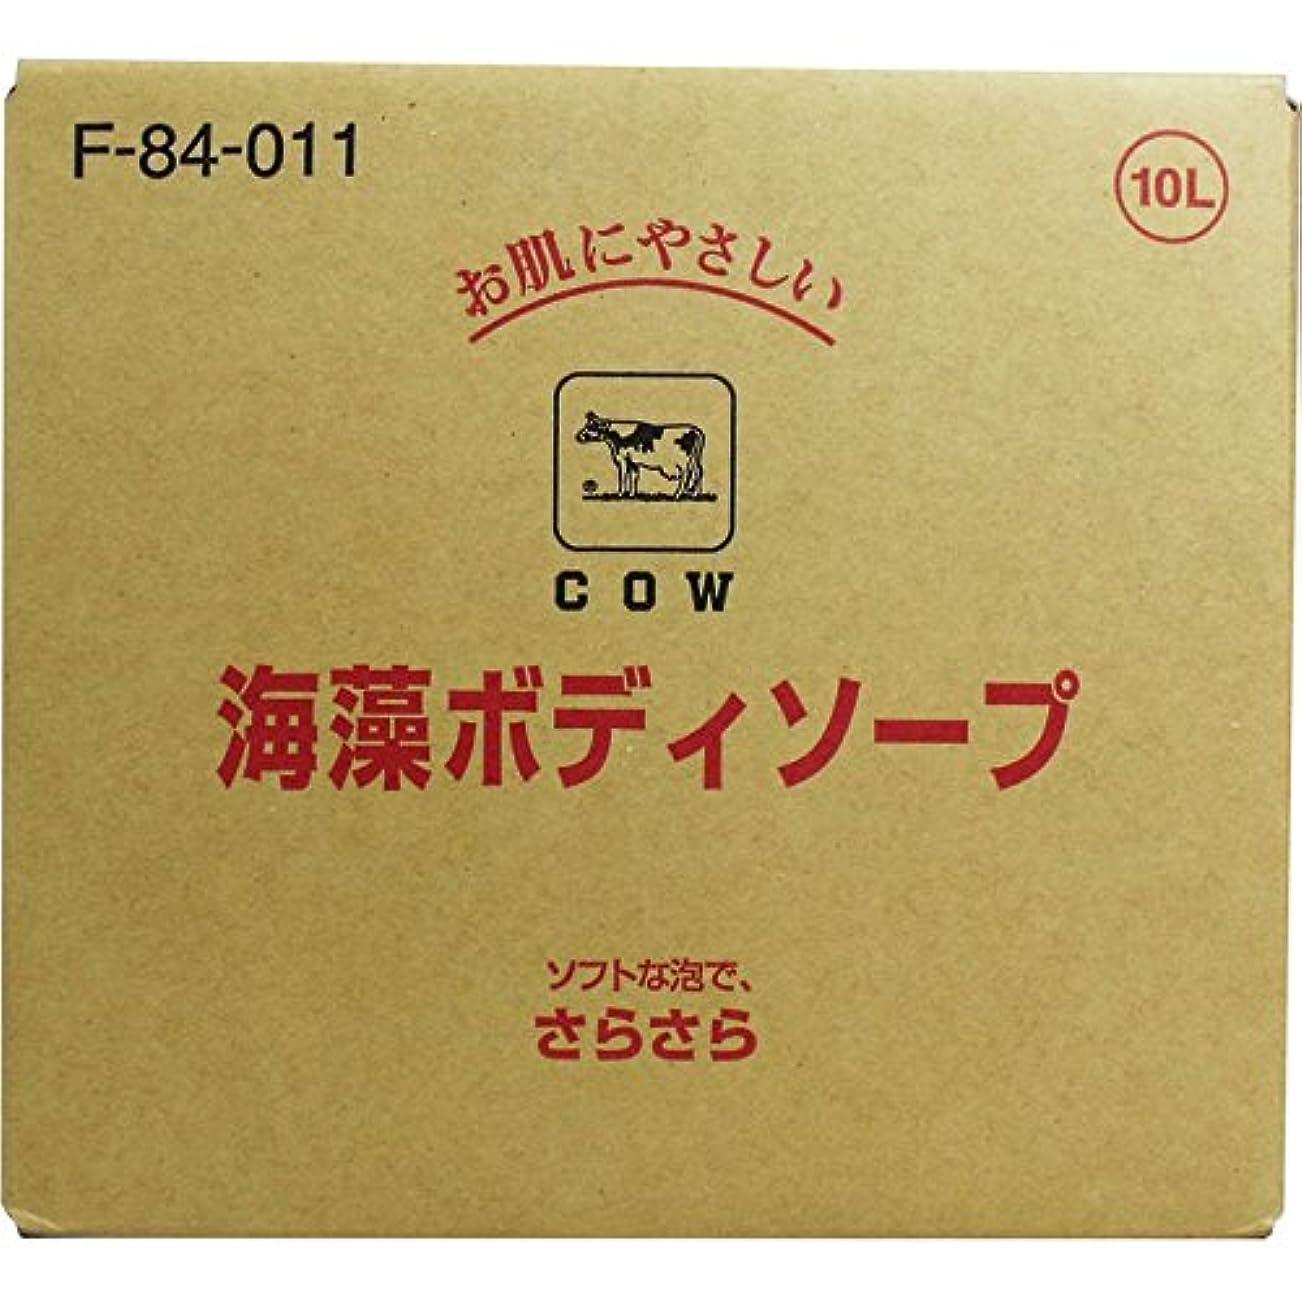 ポジティブ誤学習ボディ 石けん詰め替え さらさらした洗い心地 便利商品 牛乳ブランド 海藻ボディソープ 業務用 10L